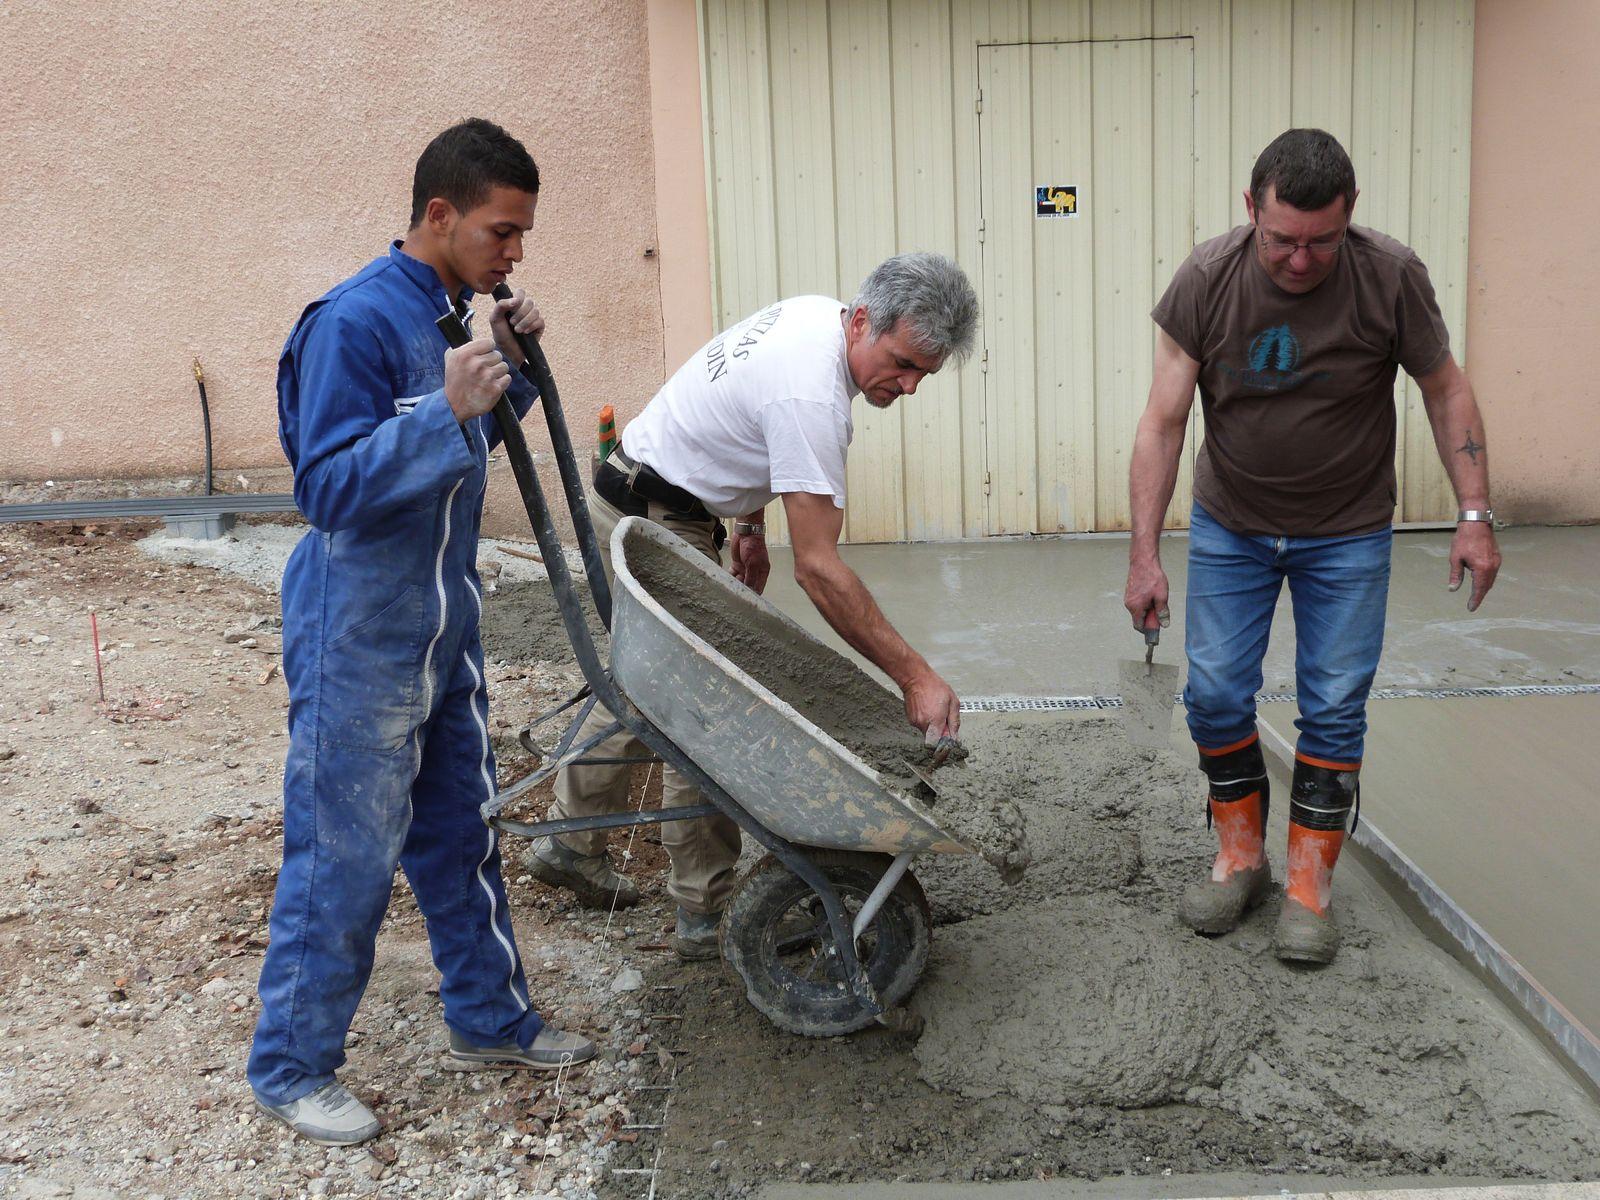 Réalisation d'une dalle en béton et d'une évacuation devant les ateliers de la SAVA, mai 2013